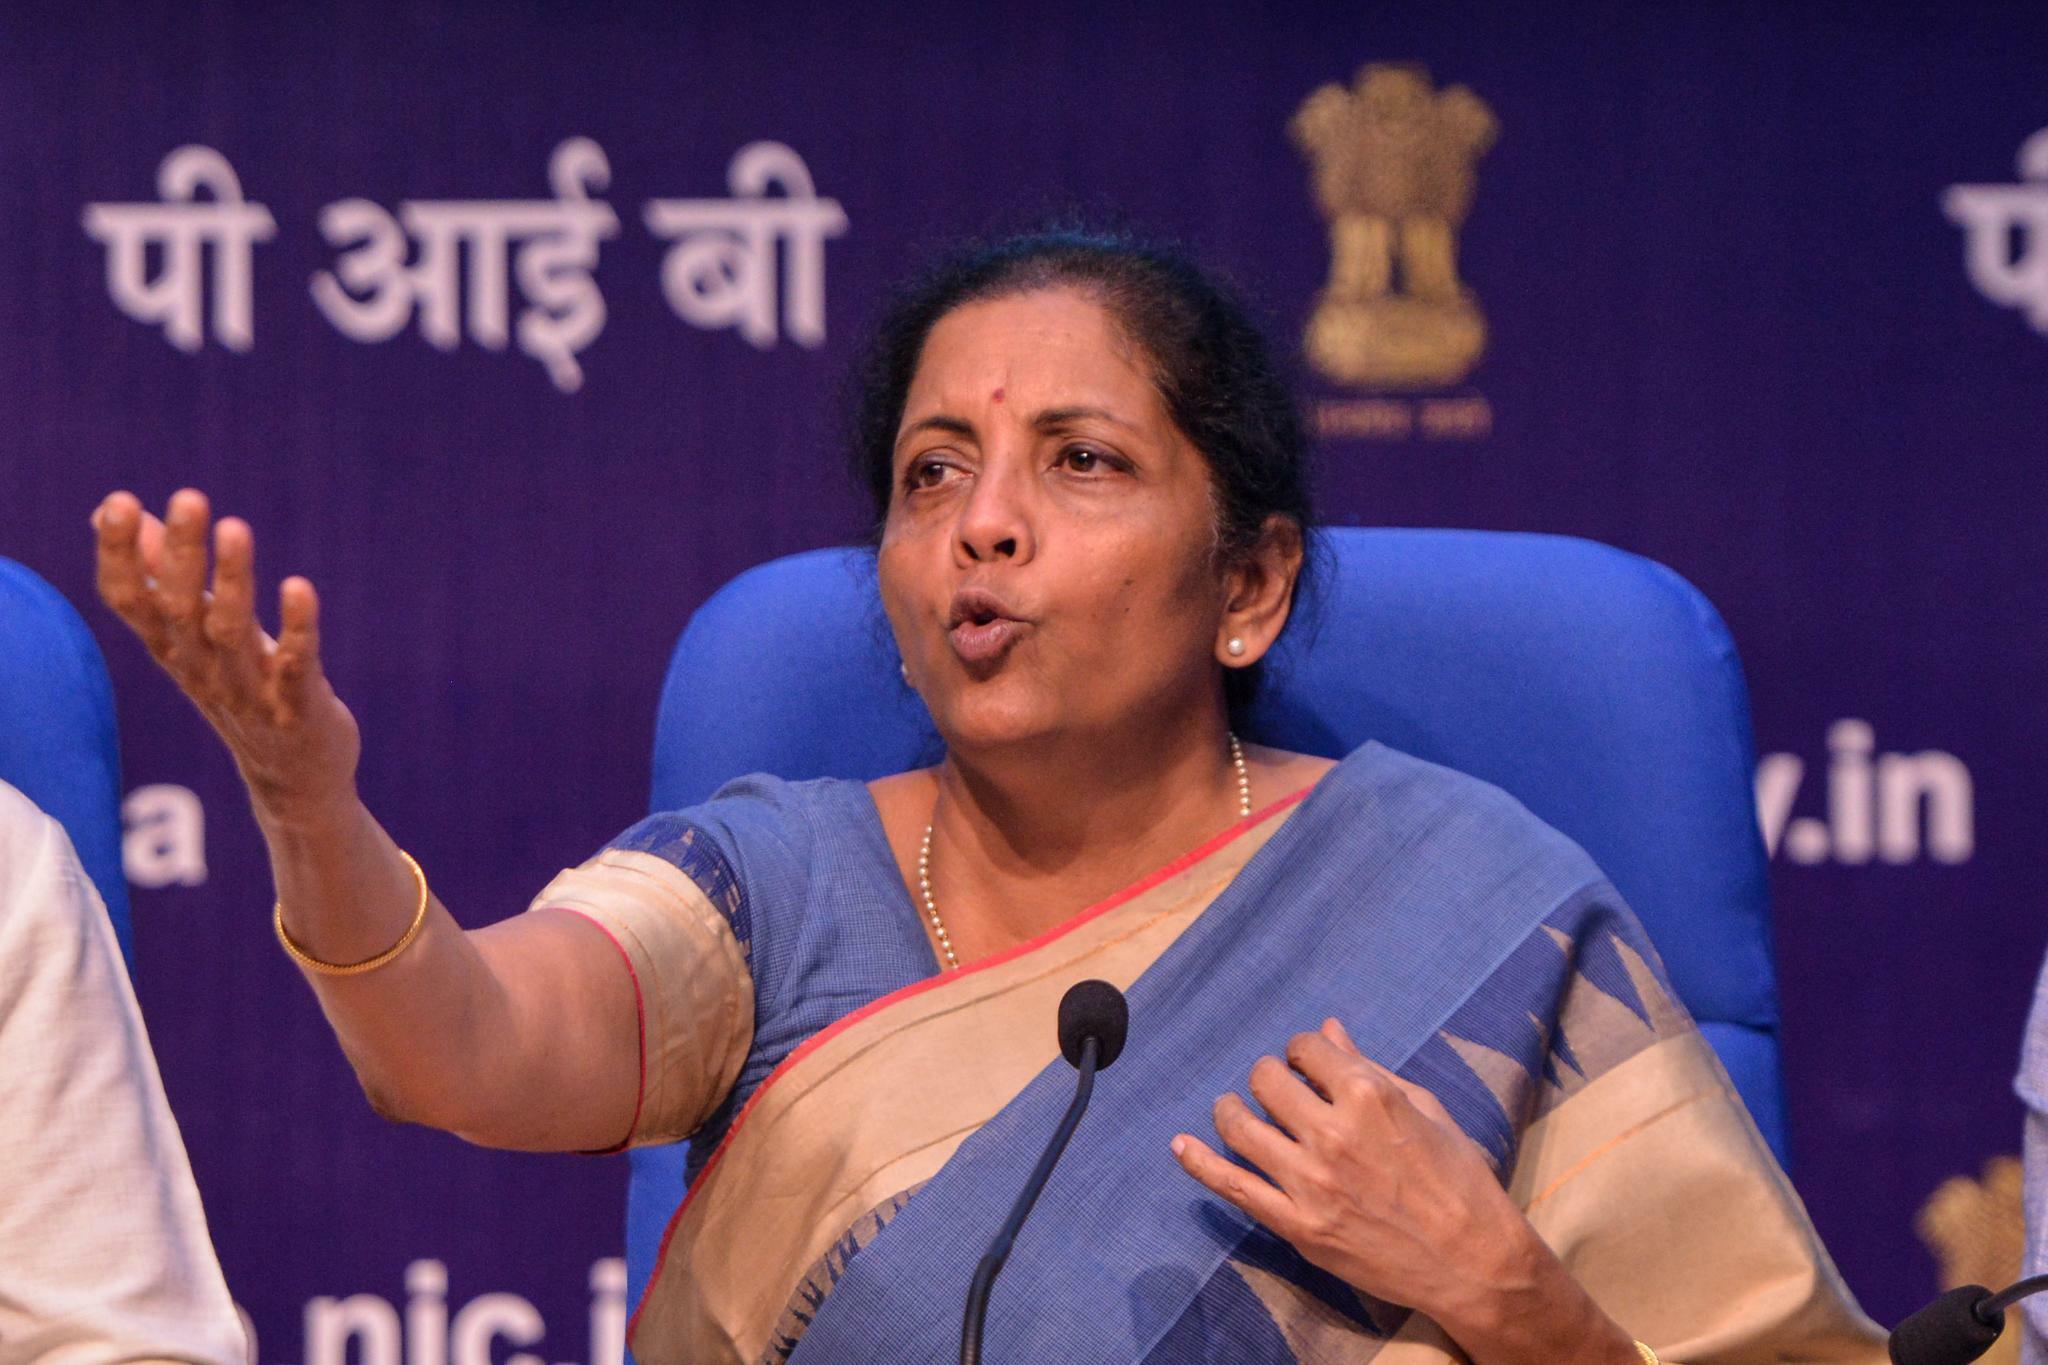 Indien will mit milliardenschwerer Steuersenkung die Wirtschaft anschieben